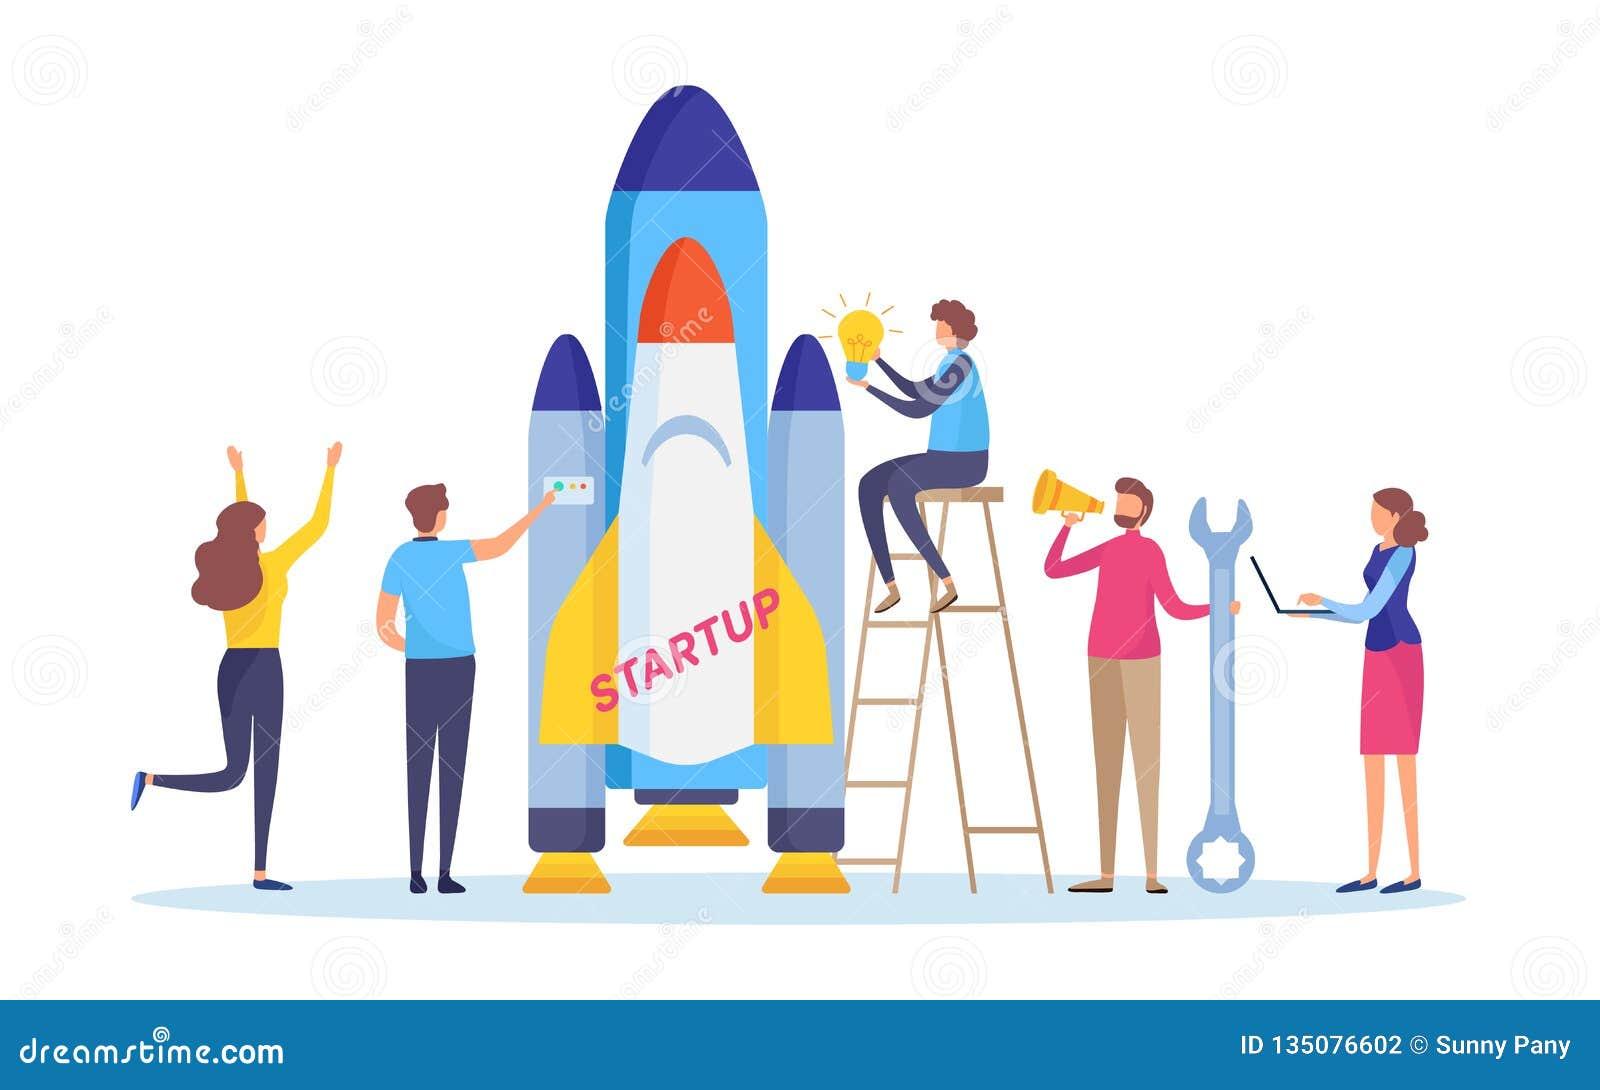 Démarrage du projet. Dynamisez votre concept d entreprise. Les hommes d affaires lancent la fusée. Vecteur d illustration de des